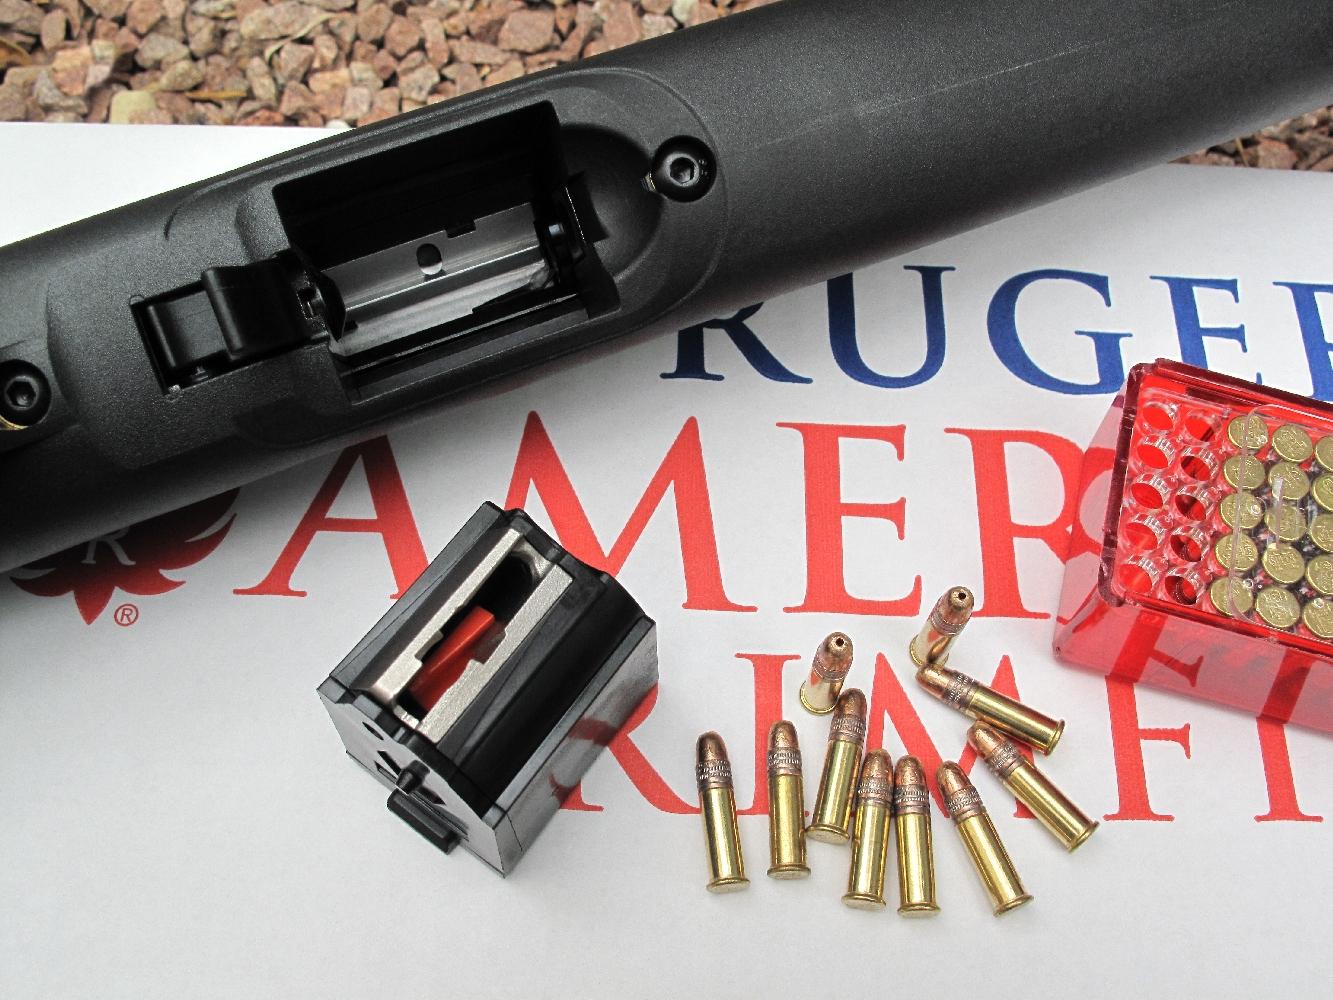 Son chargeur rotatif de dix coups, qui équipe la carabine Ruger modèle 10/22 depuis son lancement en 1964, est une incontestable réussite. Facile à alimenter, à introduire, à verrouiller et déverrouiller, sa remarquablement compacité lui permet de s'intégrer totalement au fût.